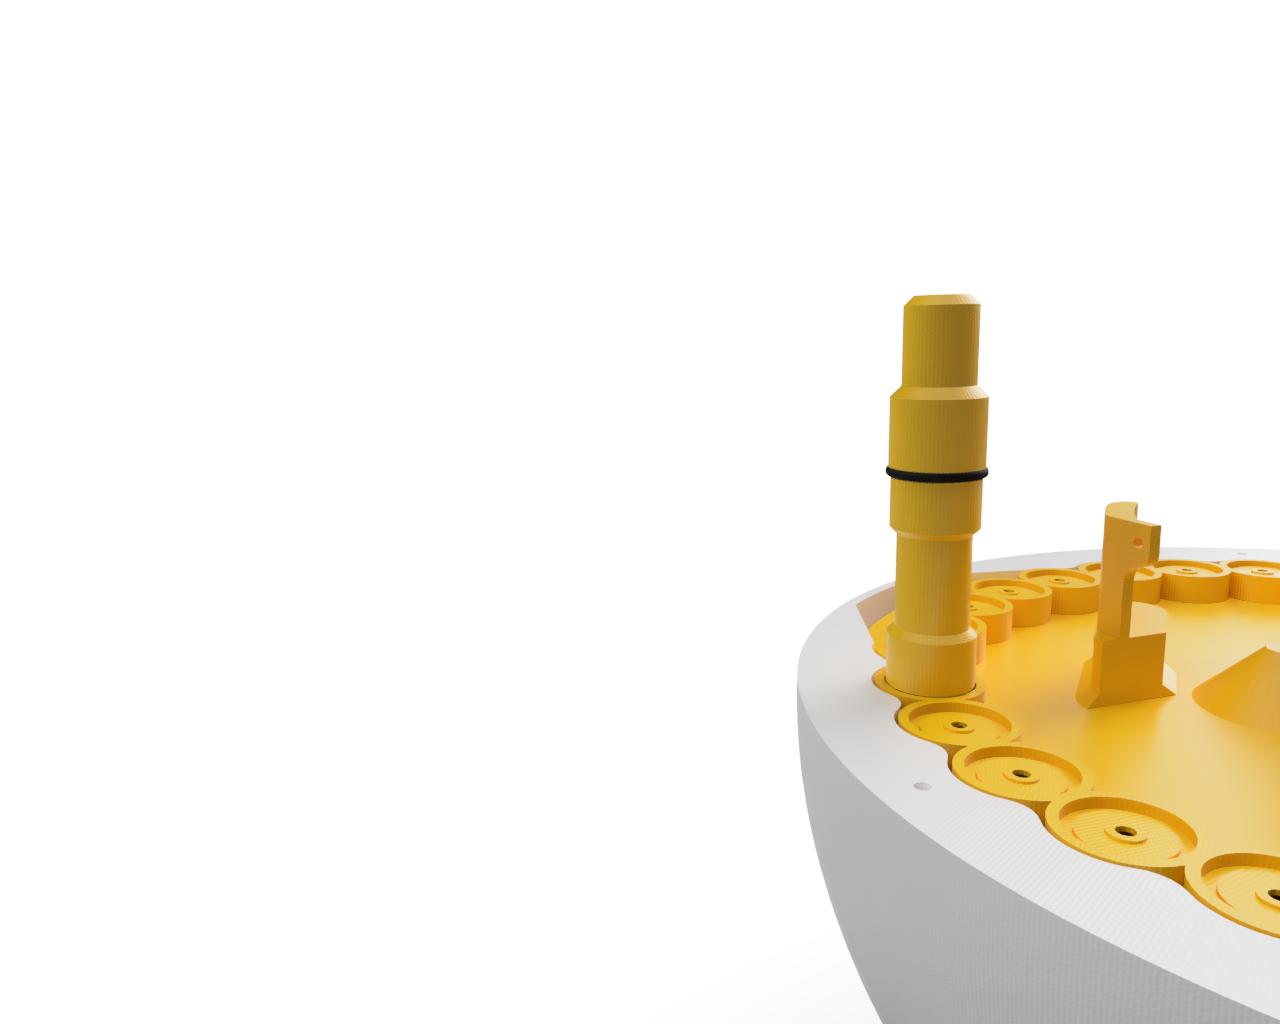 Cartouche - 9€ HT/Cartouche ** Les bases odorantes sont fabriquées en France et sont conformes à la norme américaine G.R.A.S de la Food Administration.Nous garantissons la durée de vie d'une cartouche minimum 6 mois!